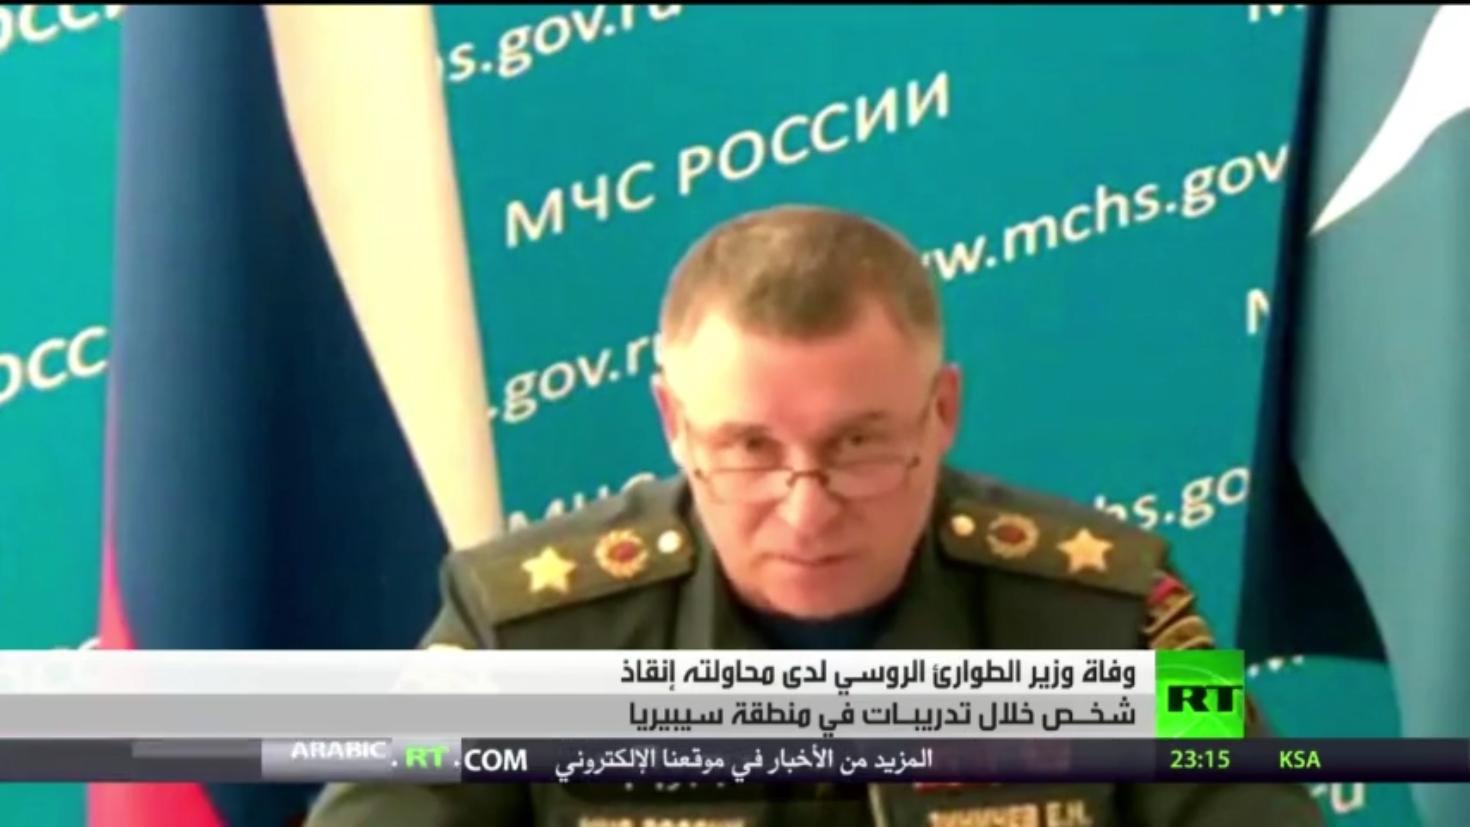 وفاة وزير الطوارئ الروسي إثر حادث مأساوي